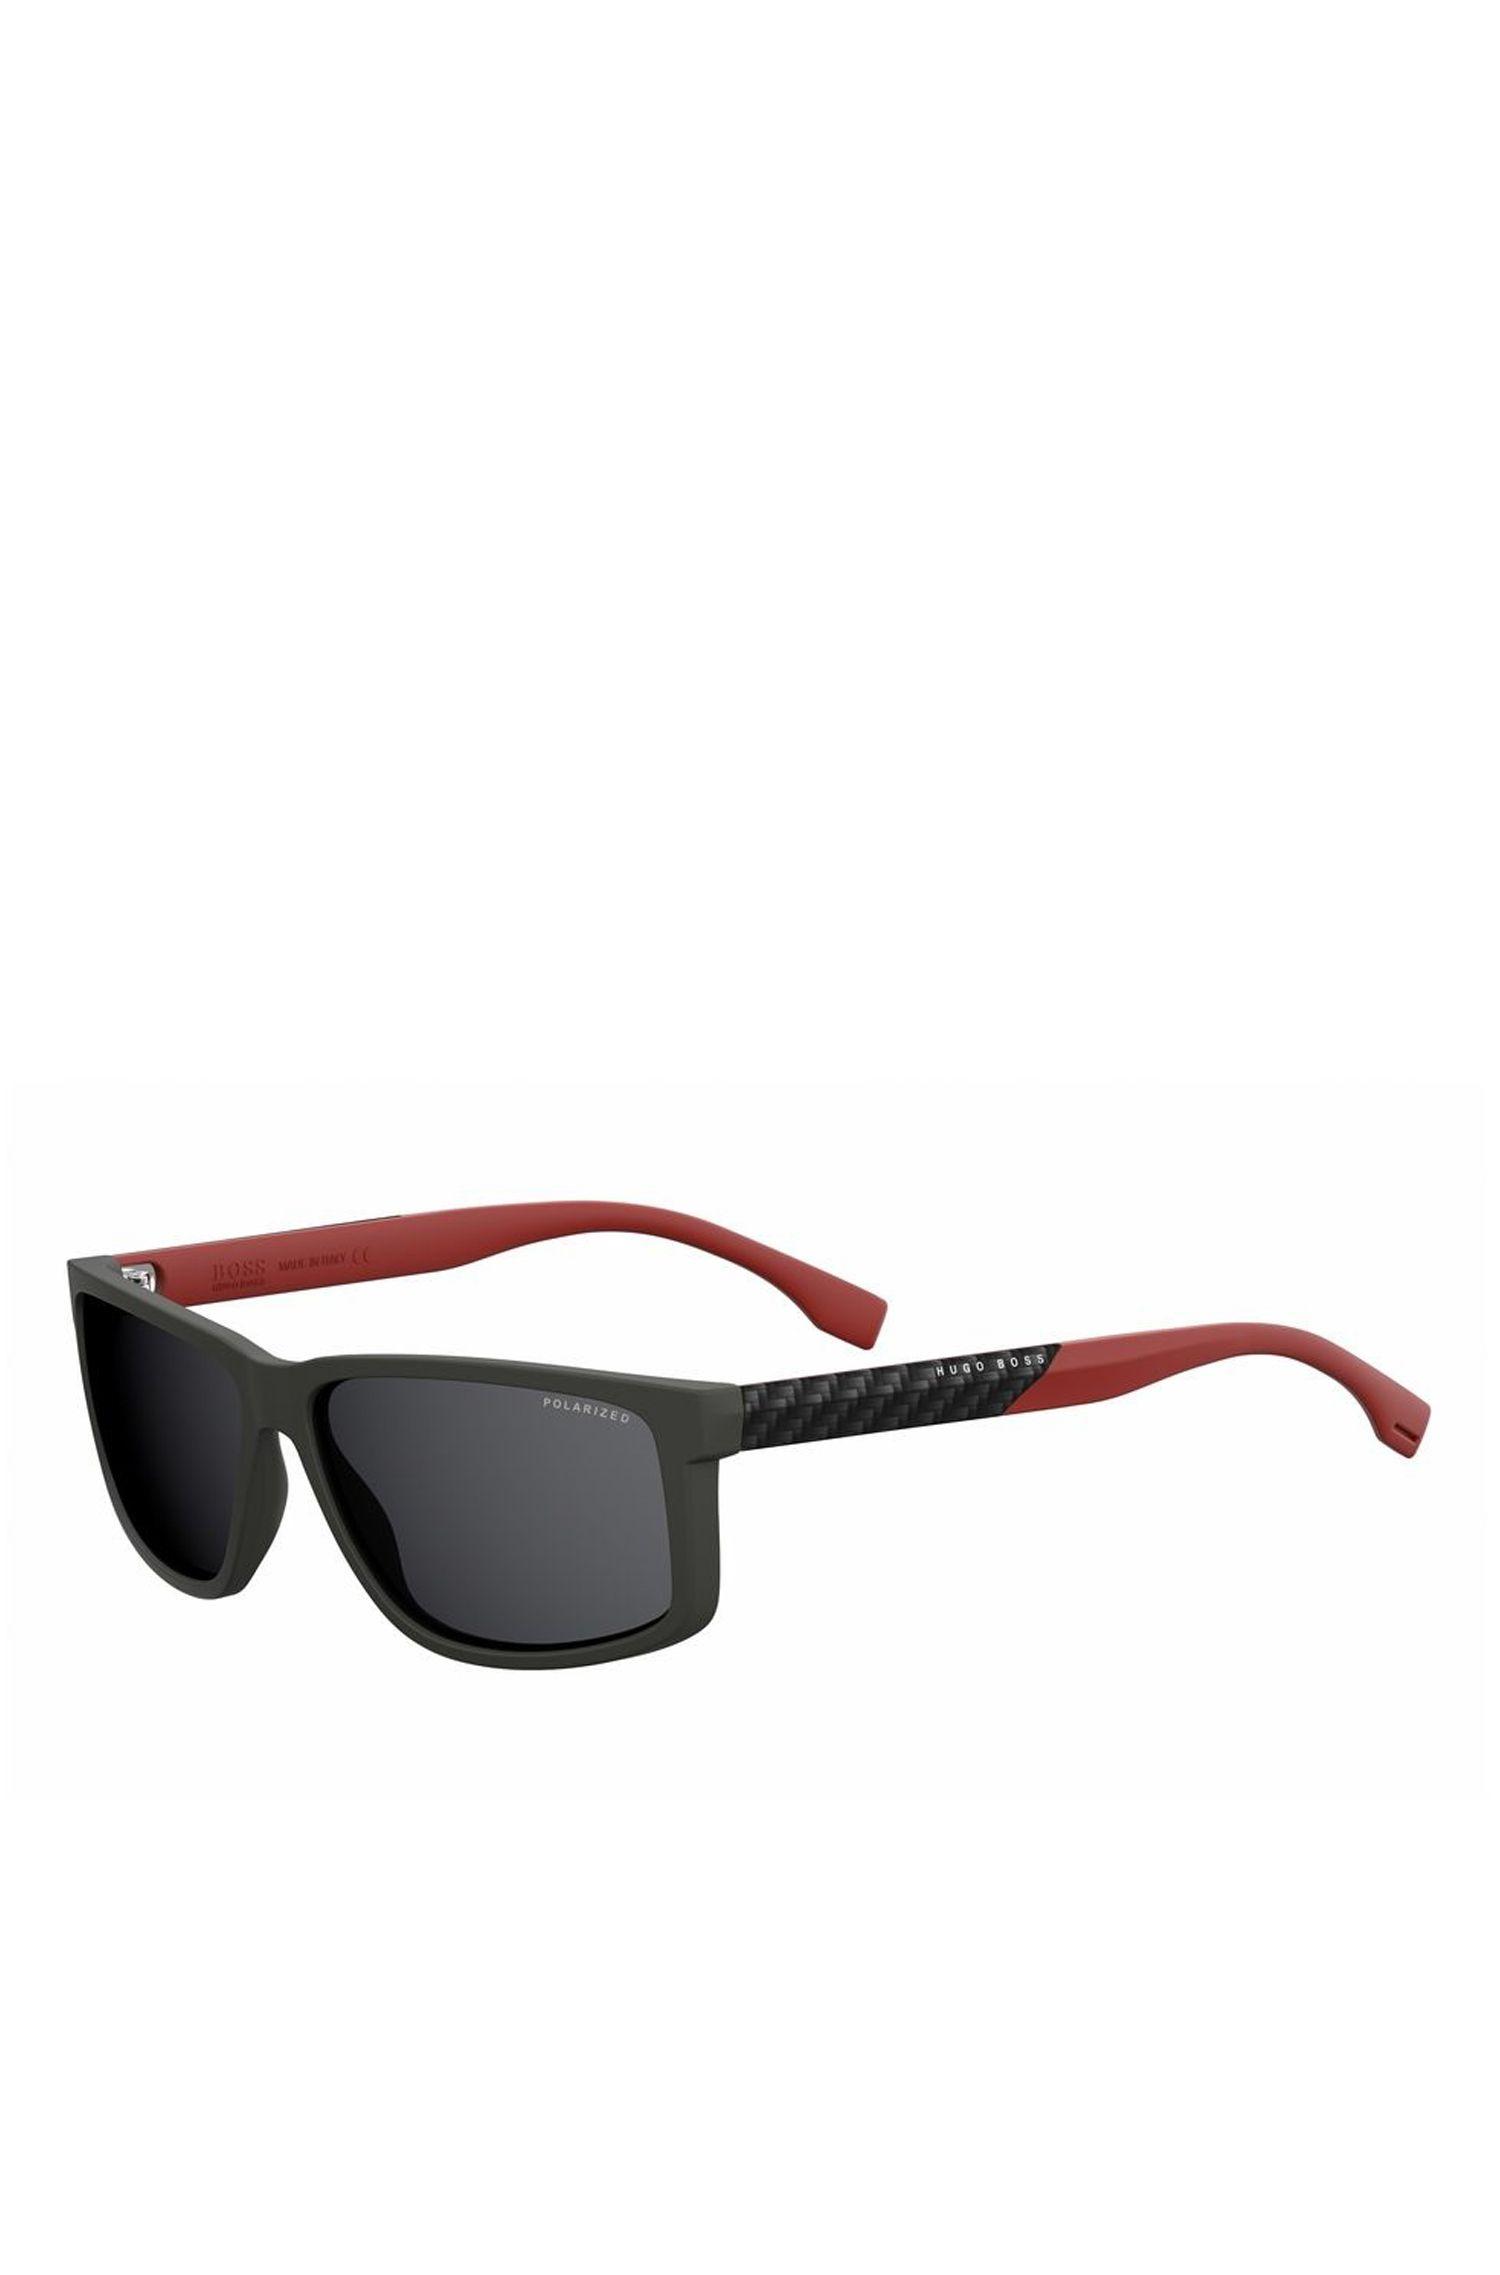 'BOSS 0833S' | Rectangular Black Lens Carbon Fiber Sunglasses